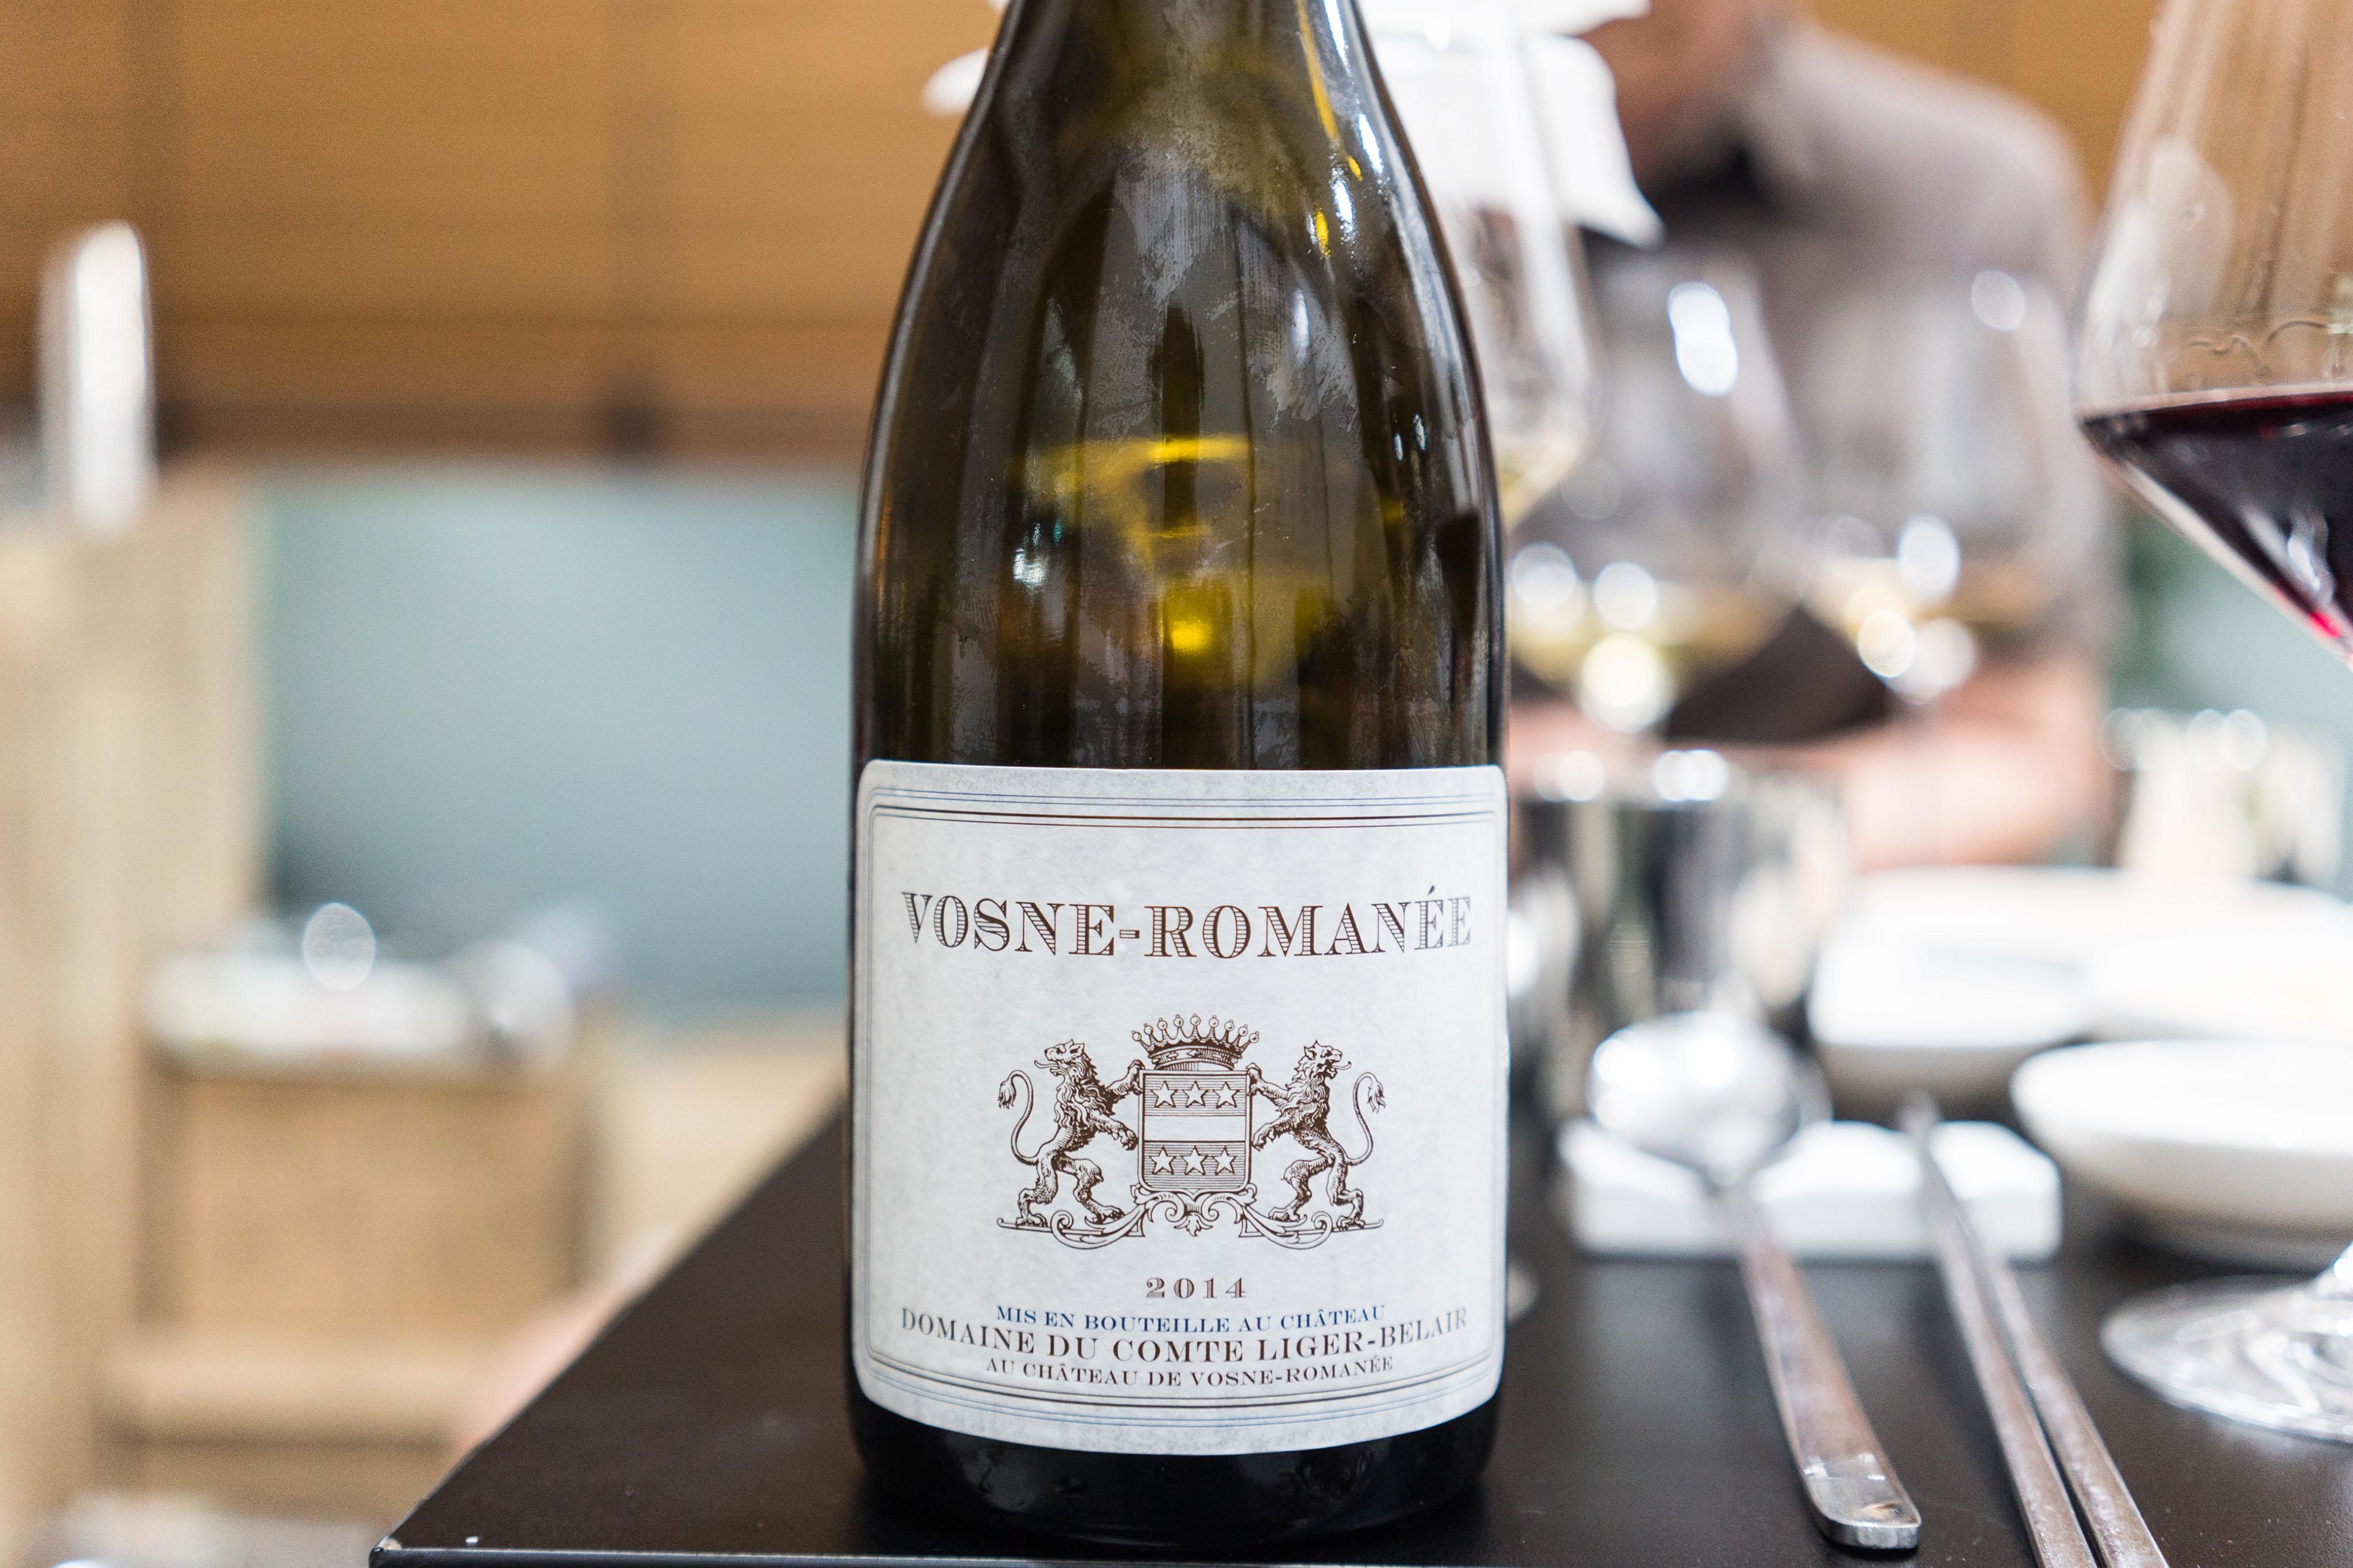 Domaine du Comte Liger-Belair Vosne Romanee 2014